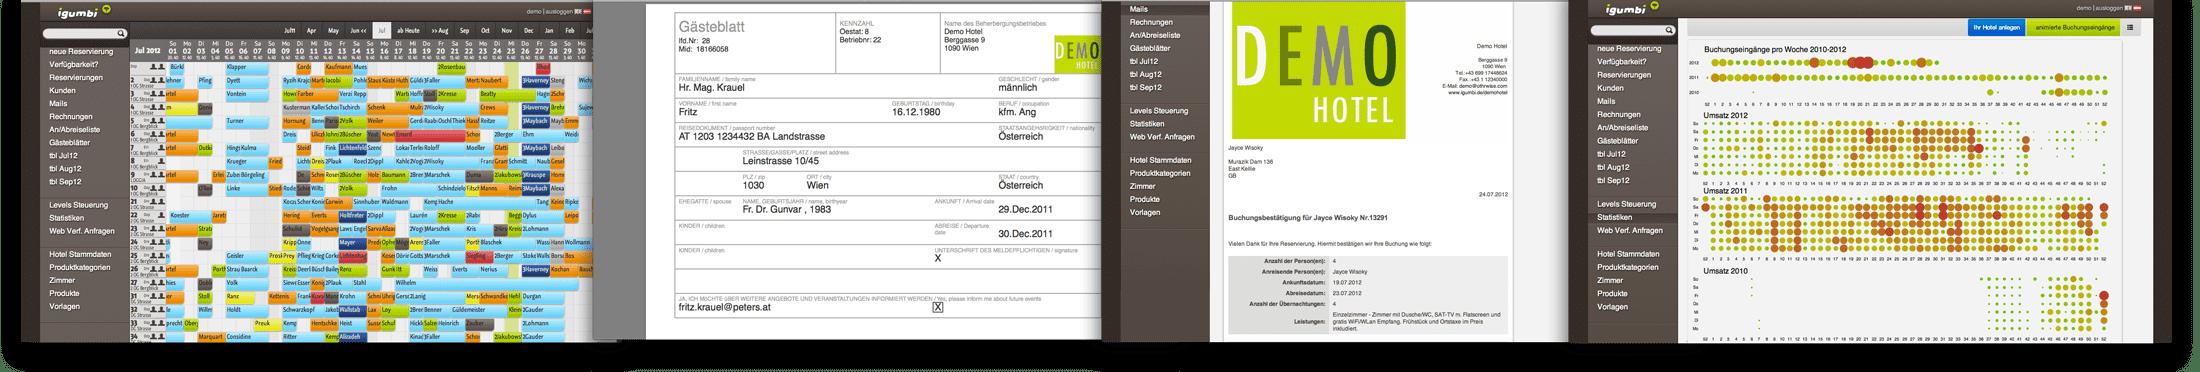 Hotelsoftware Demo: System Übersicht der Funktionen